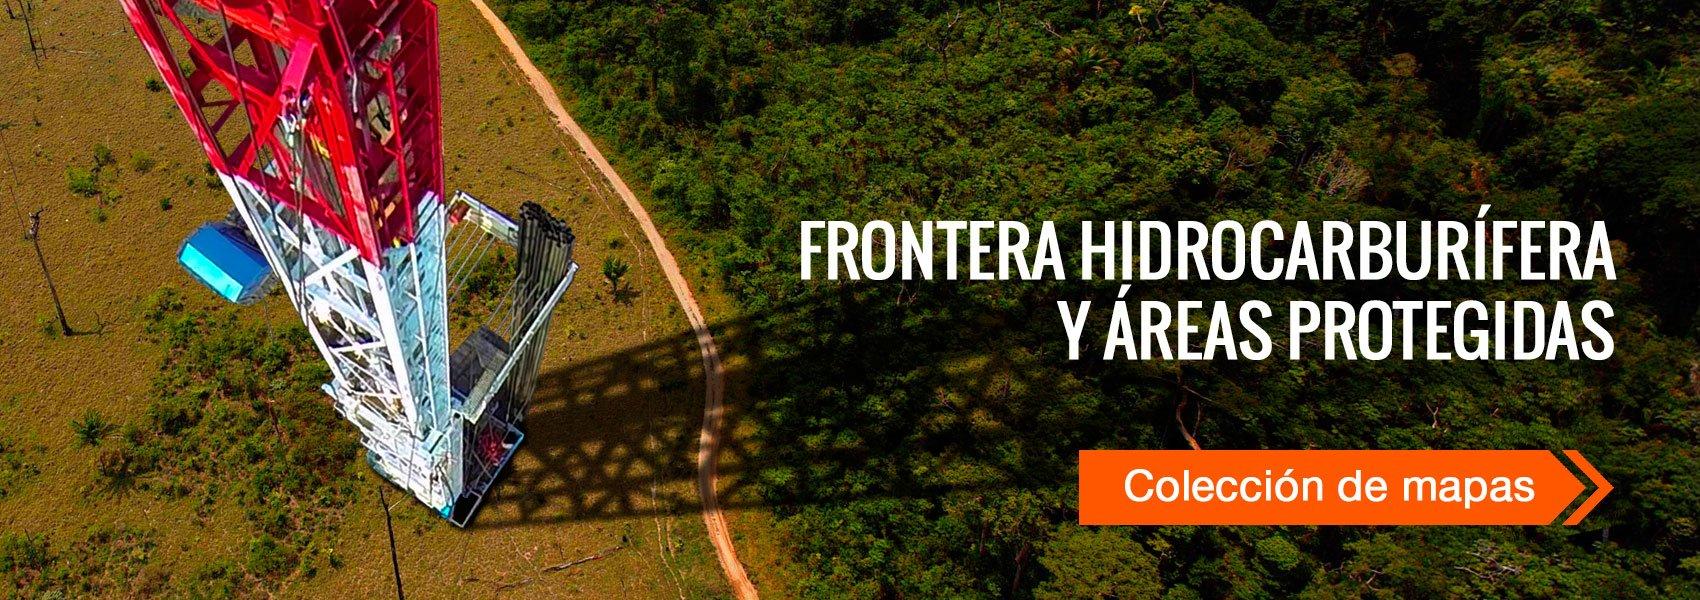 Frontera hidrocarburífera y áreas protegidas. Mapas